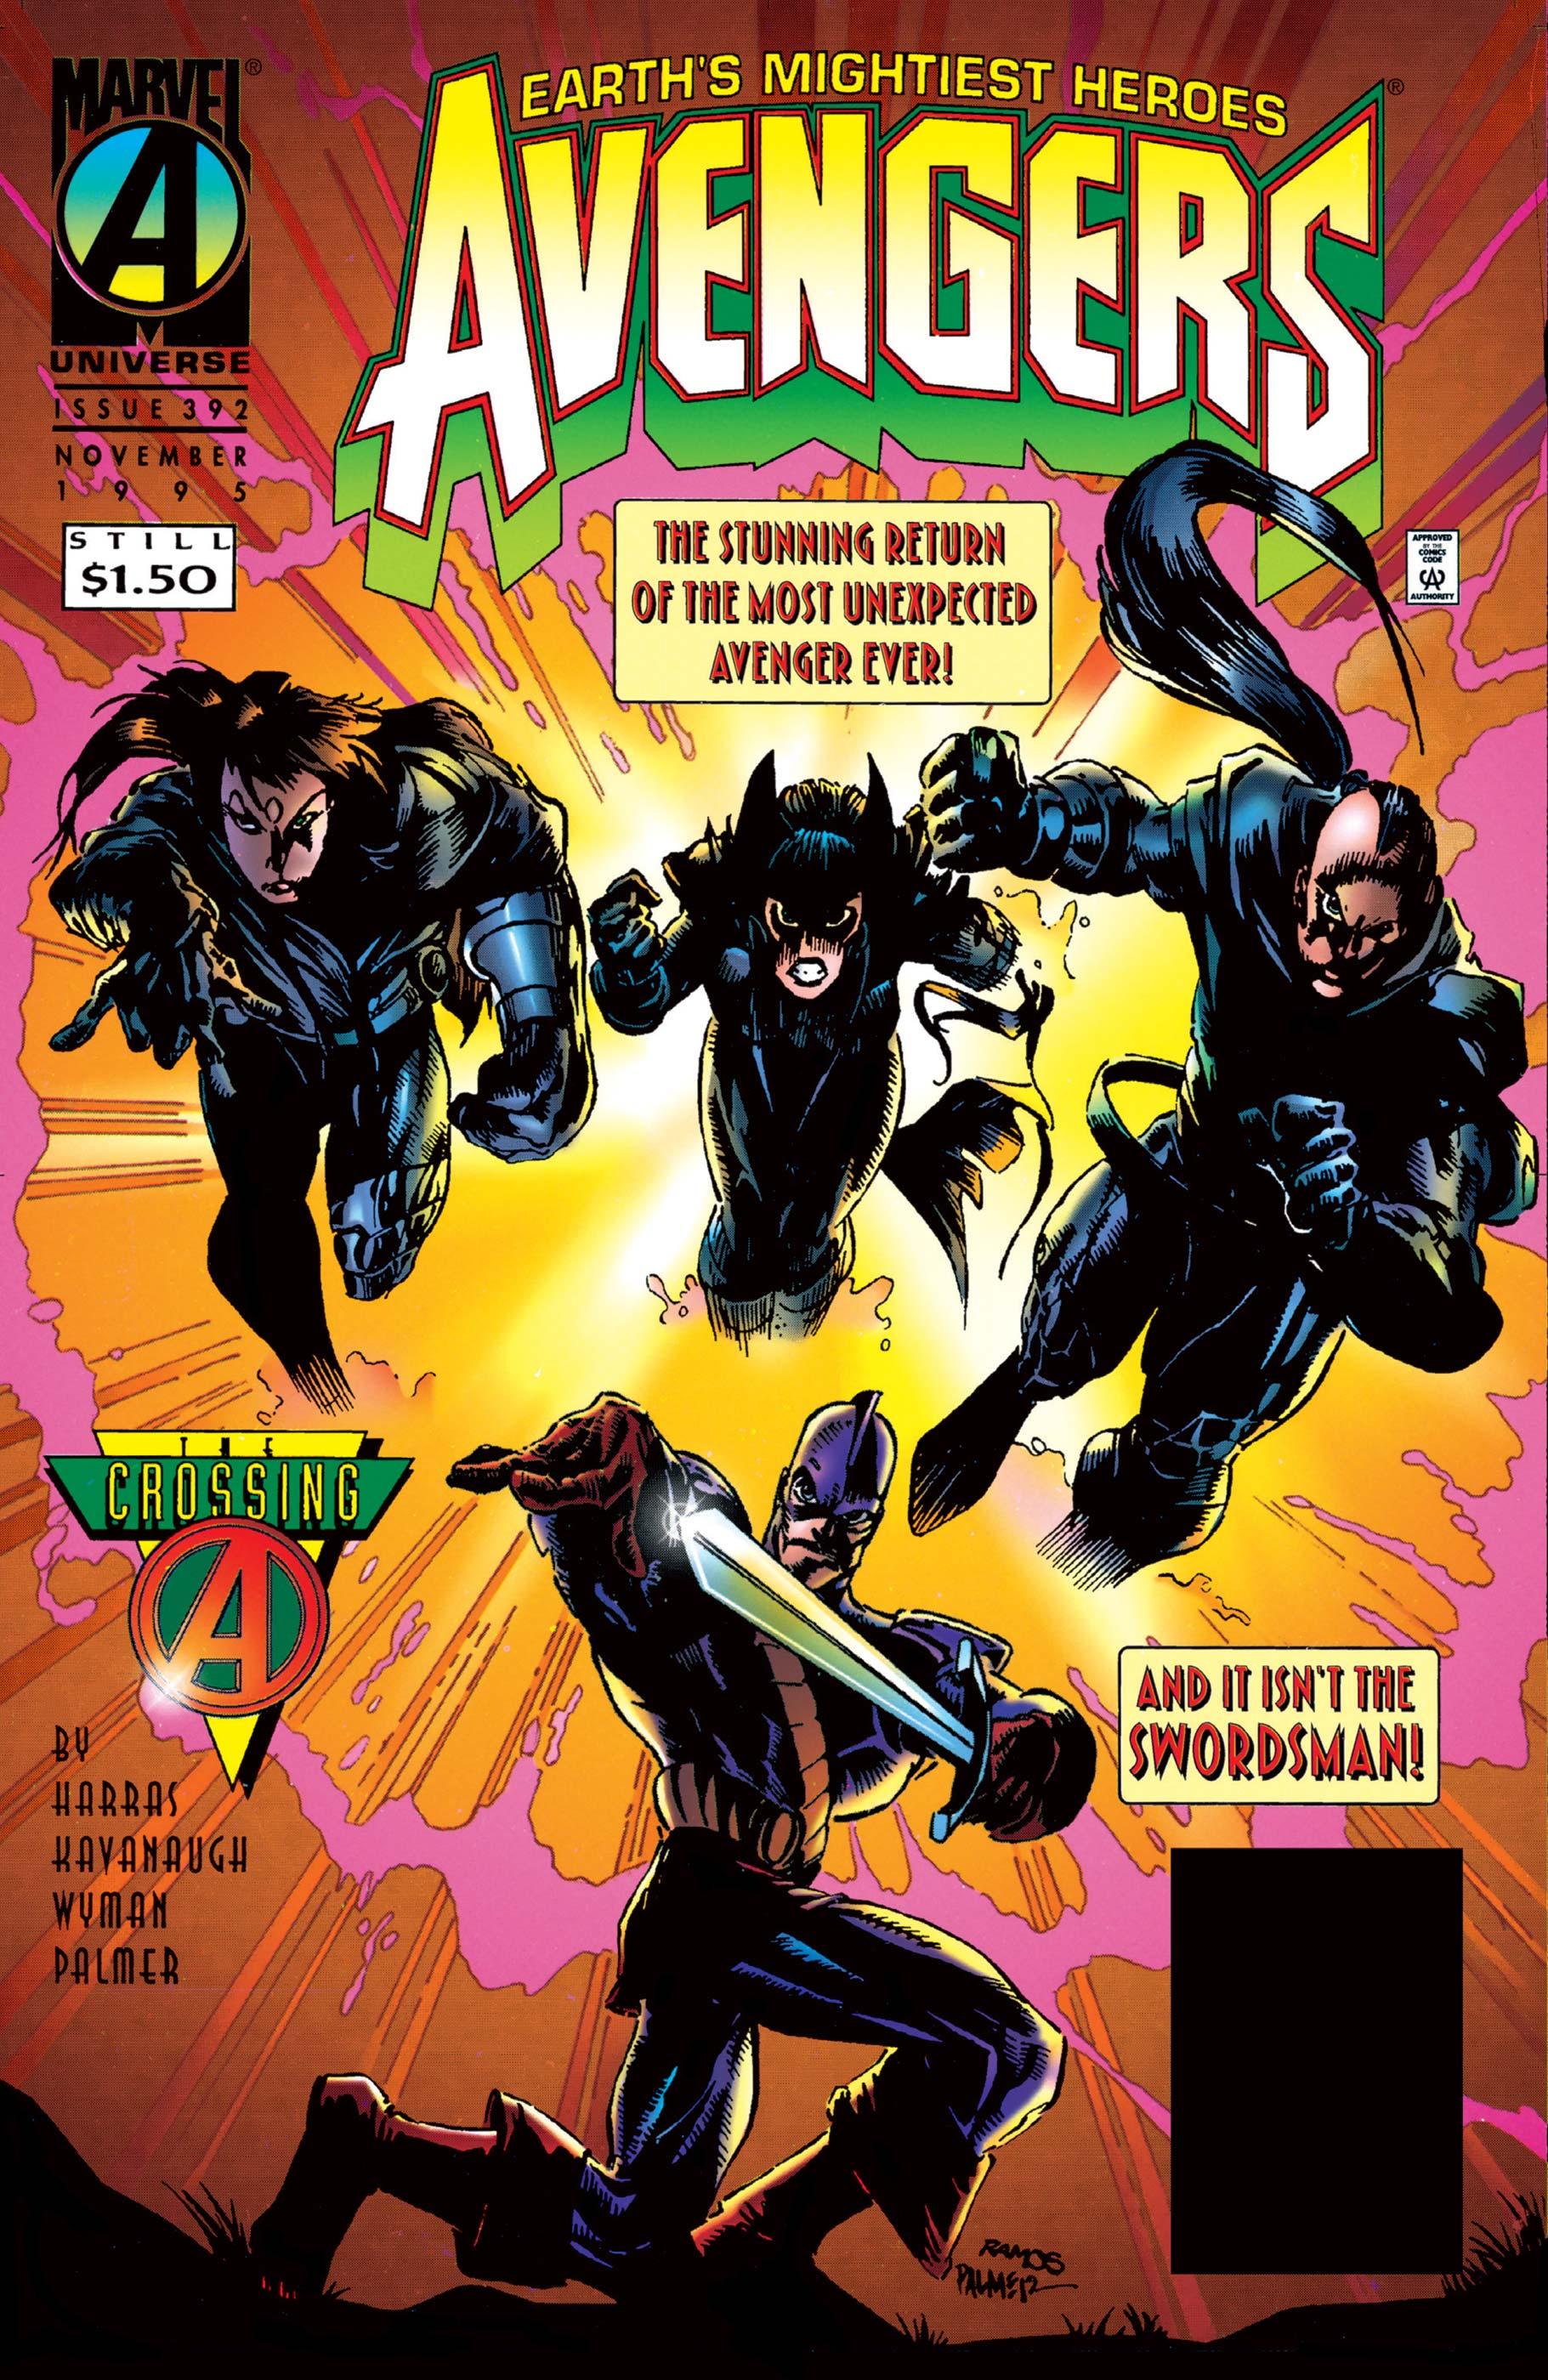 Avengers (1963) #392